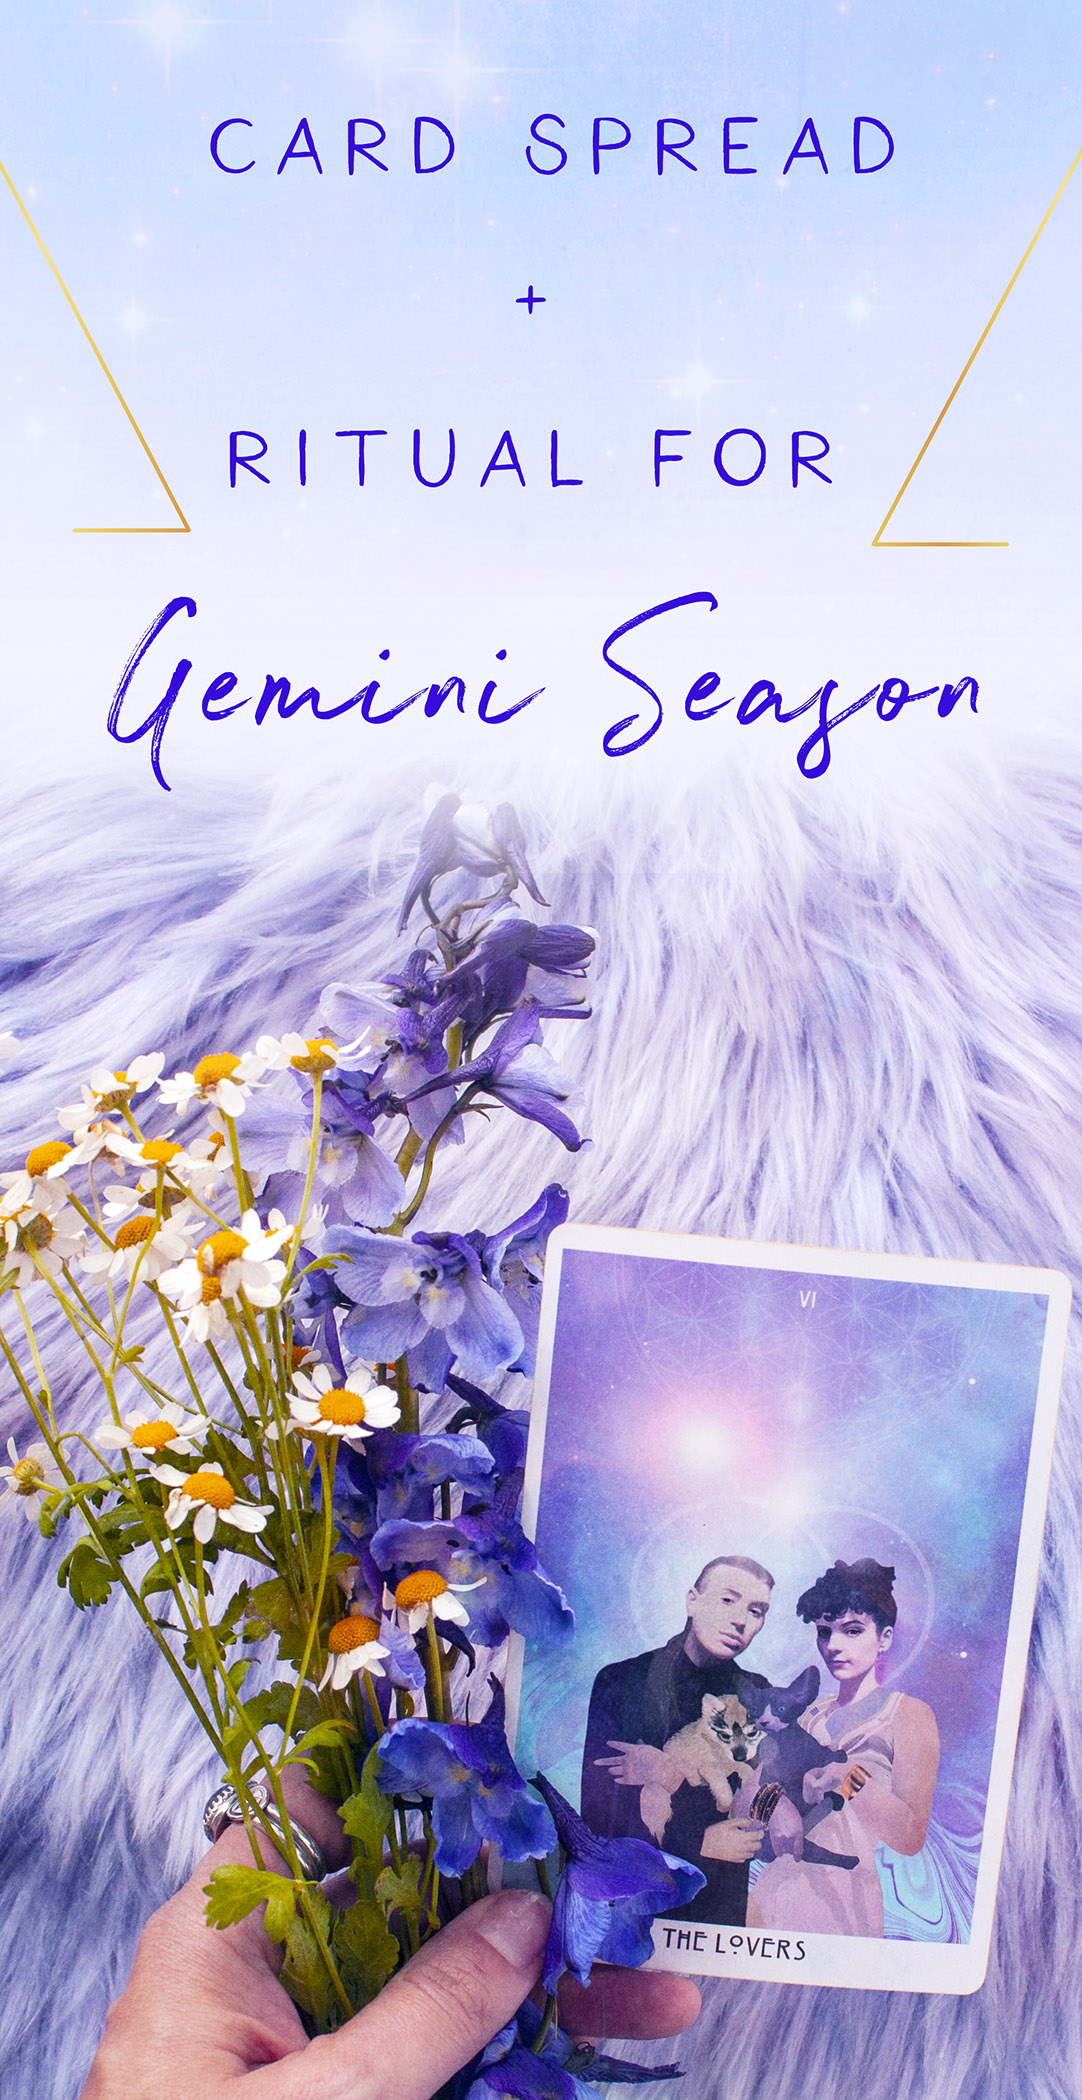 card spread and ritual for gemini season